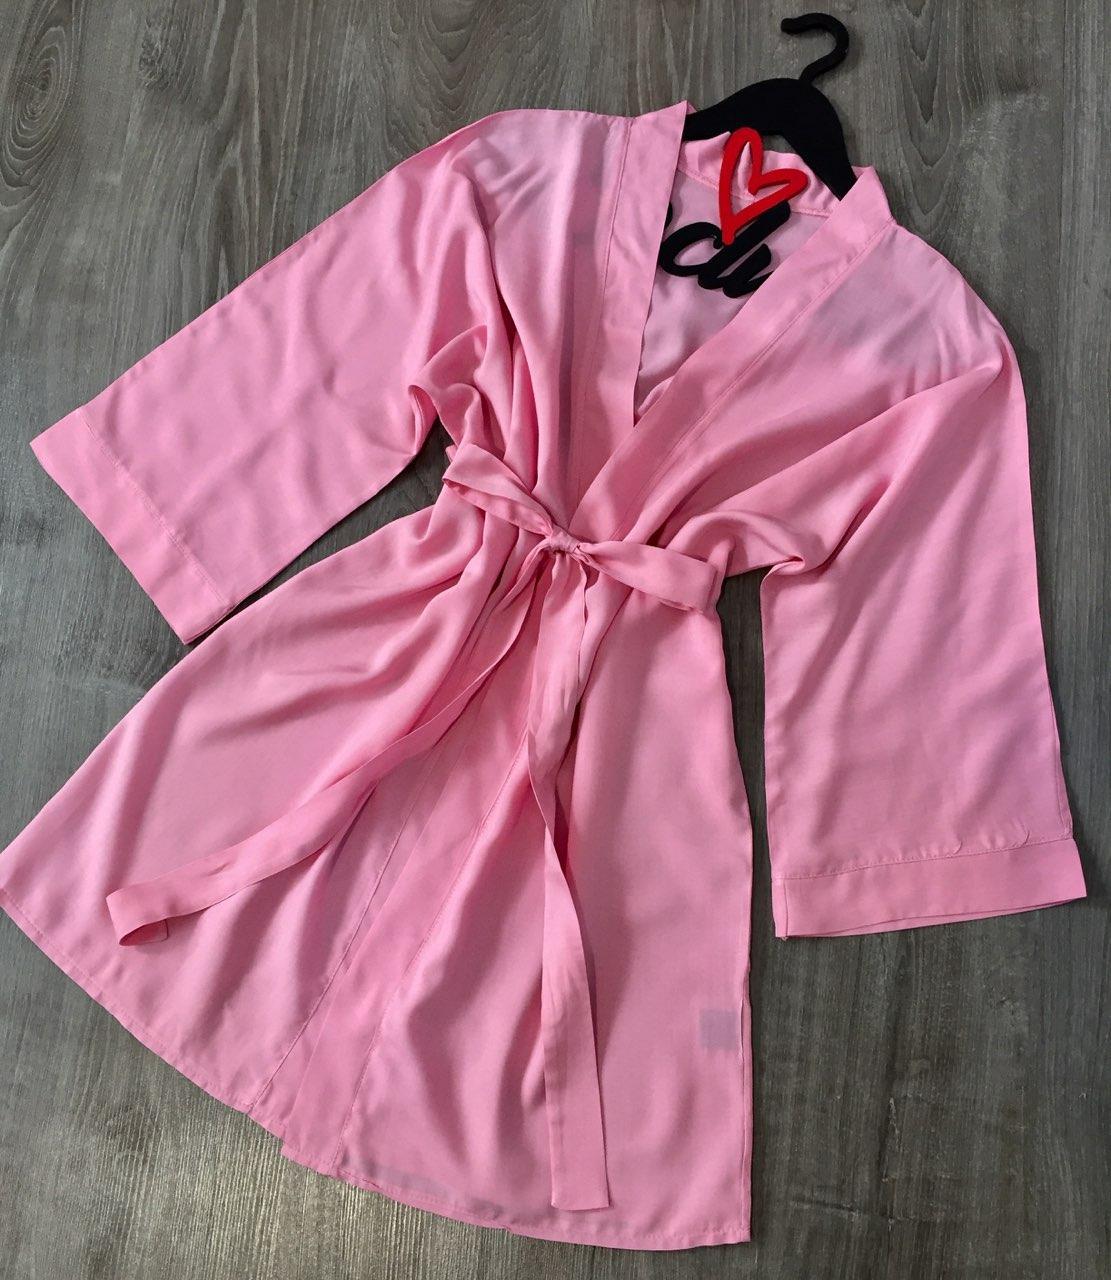 Хлопковый халат для дома 047-розовый.